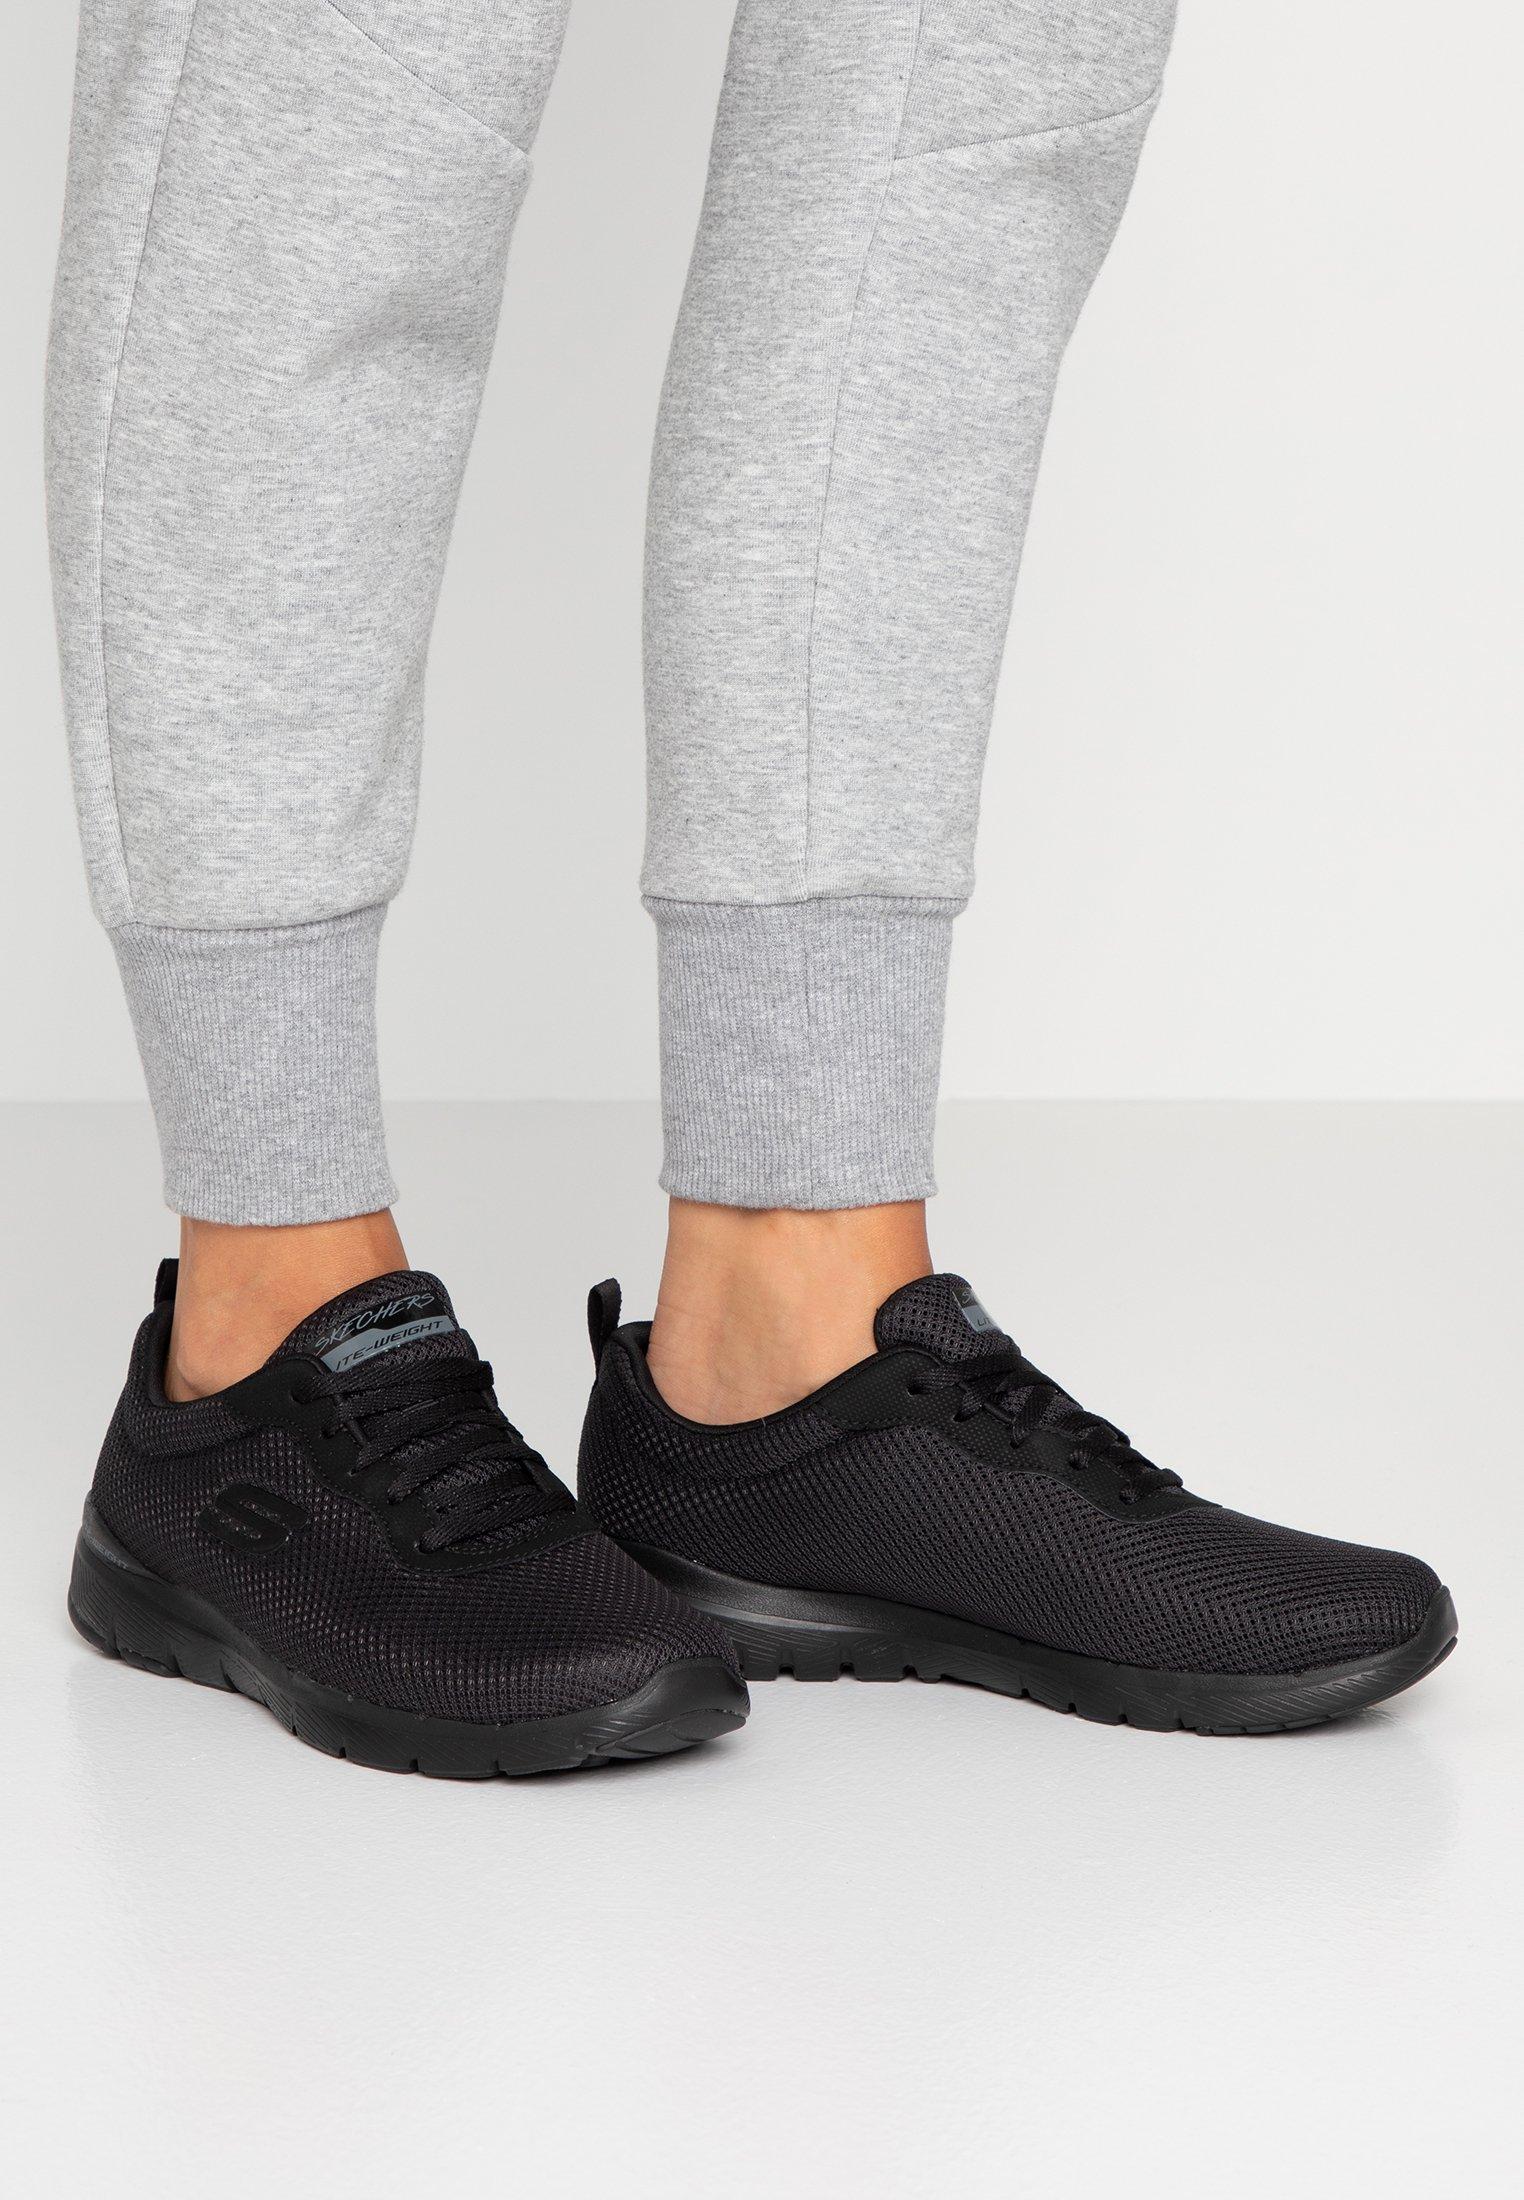 WIDE FIT FLEX APPEAL 3.0 Sneakers black